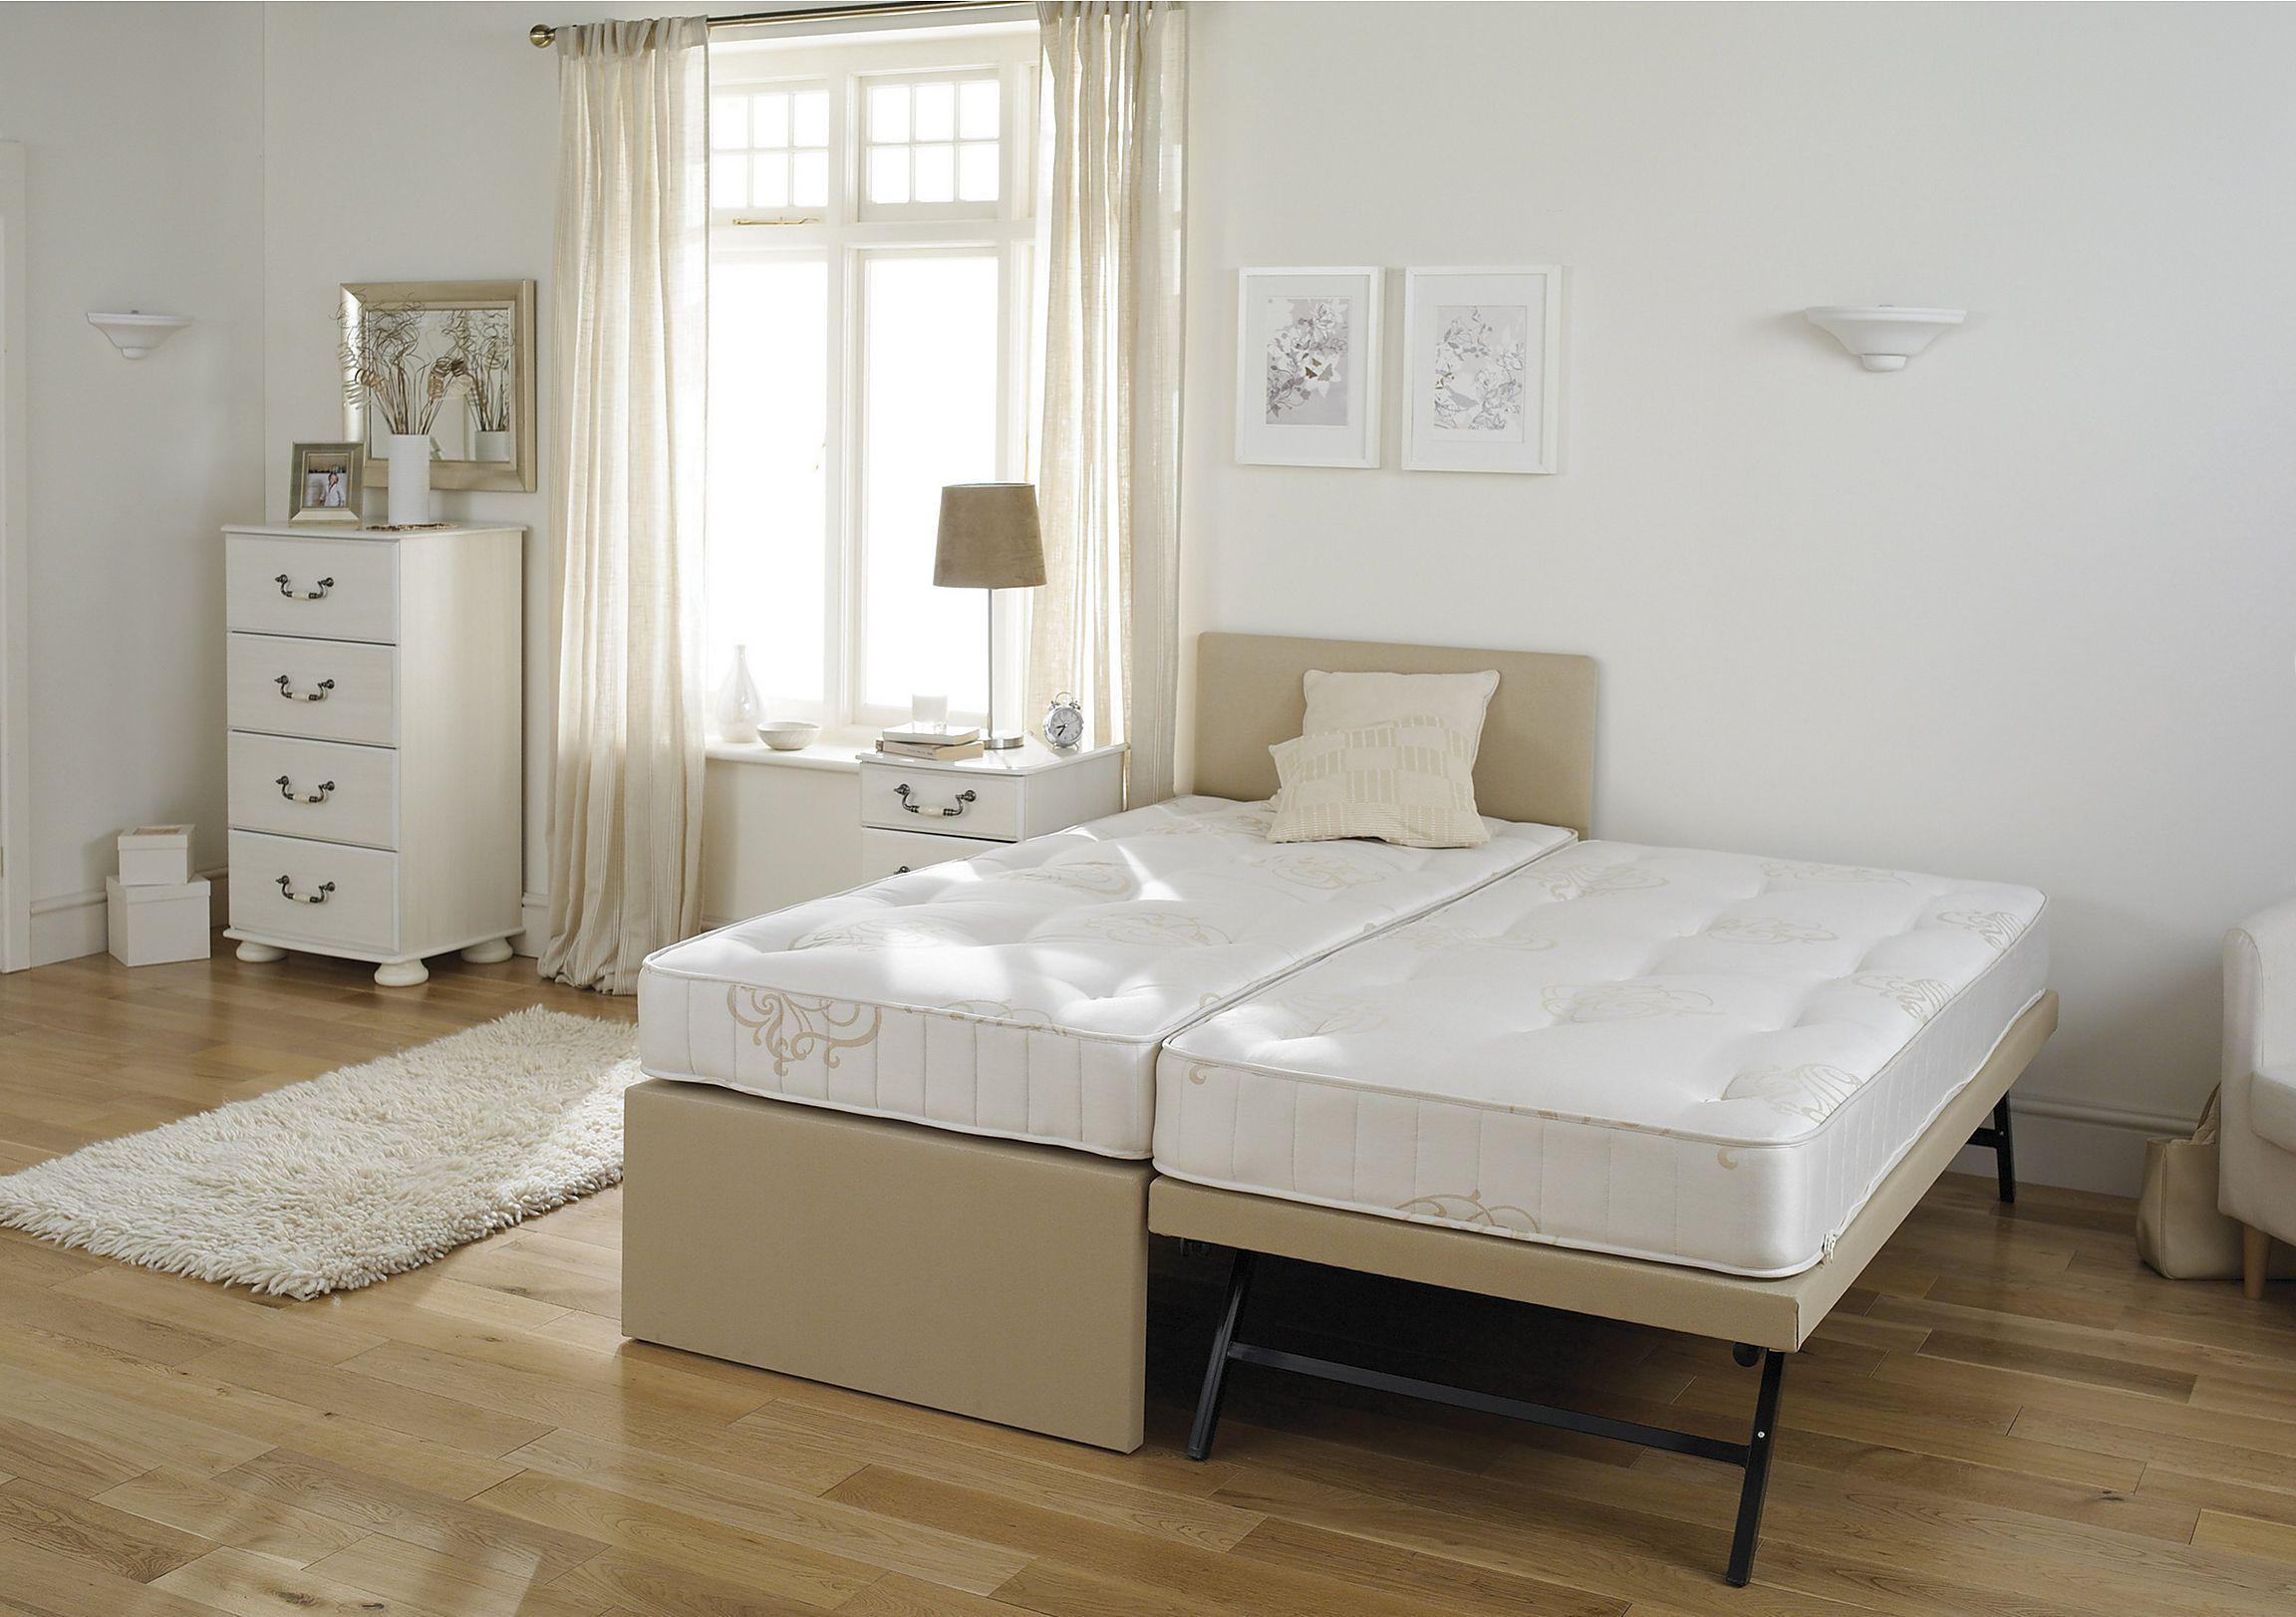 Cama box solteiro com cama auxiliar que vira cama de casal